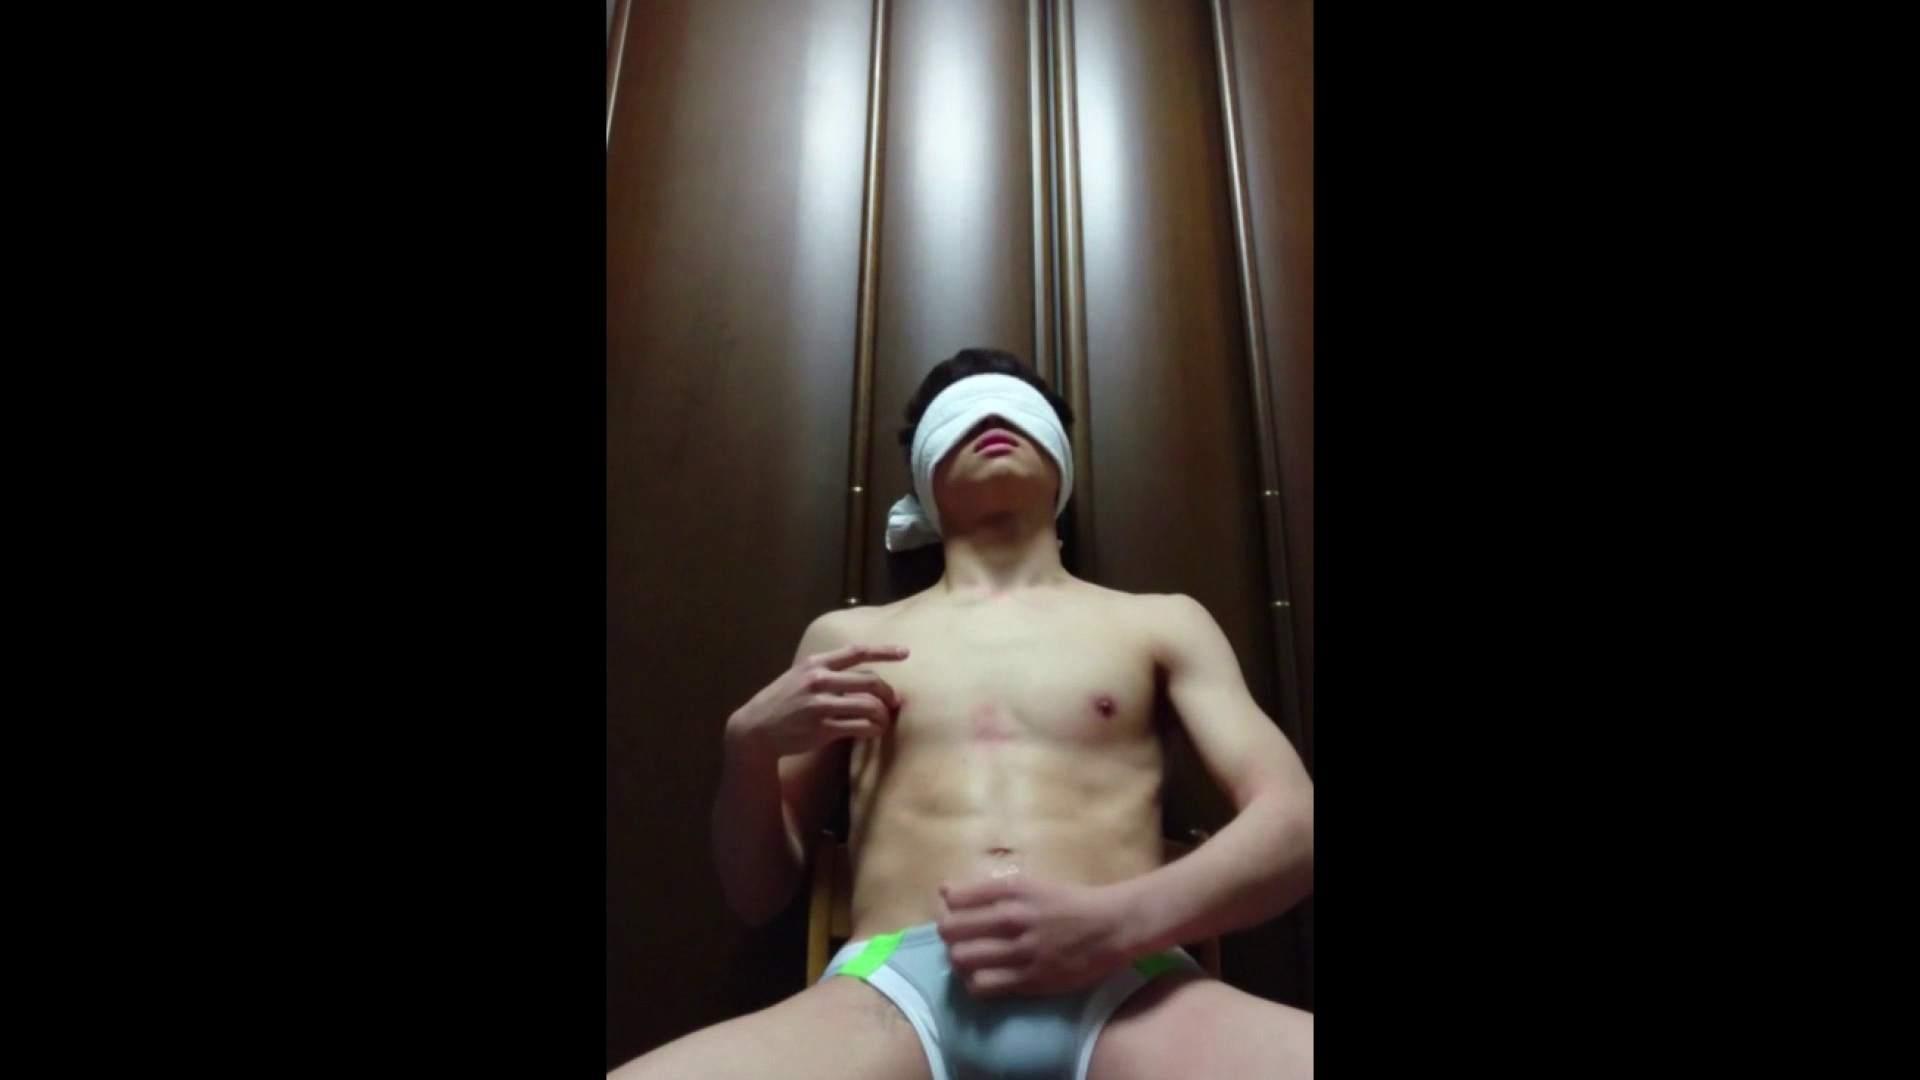 個人撮影 自慰の極意 Vol.21 オナニー ゲイ無修正動画画像 93pic 17